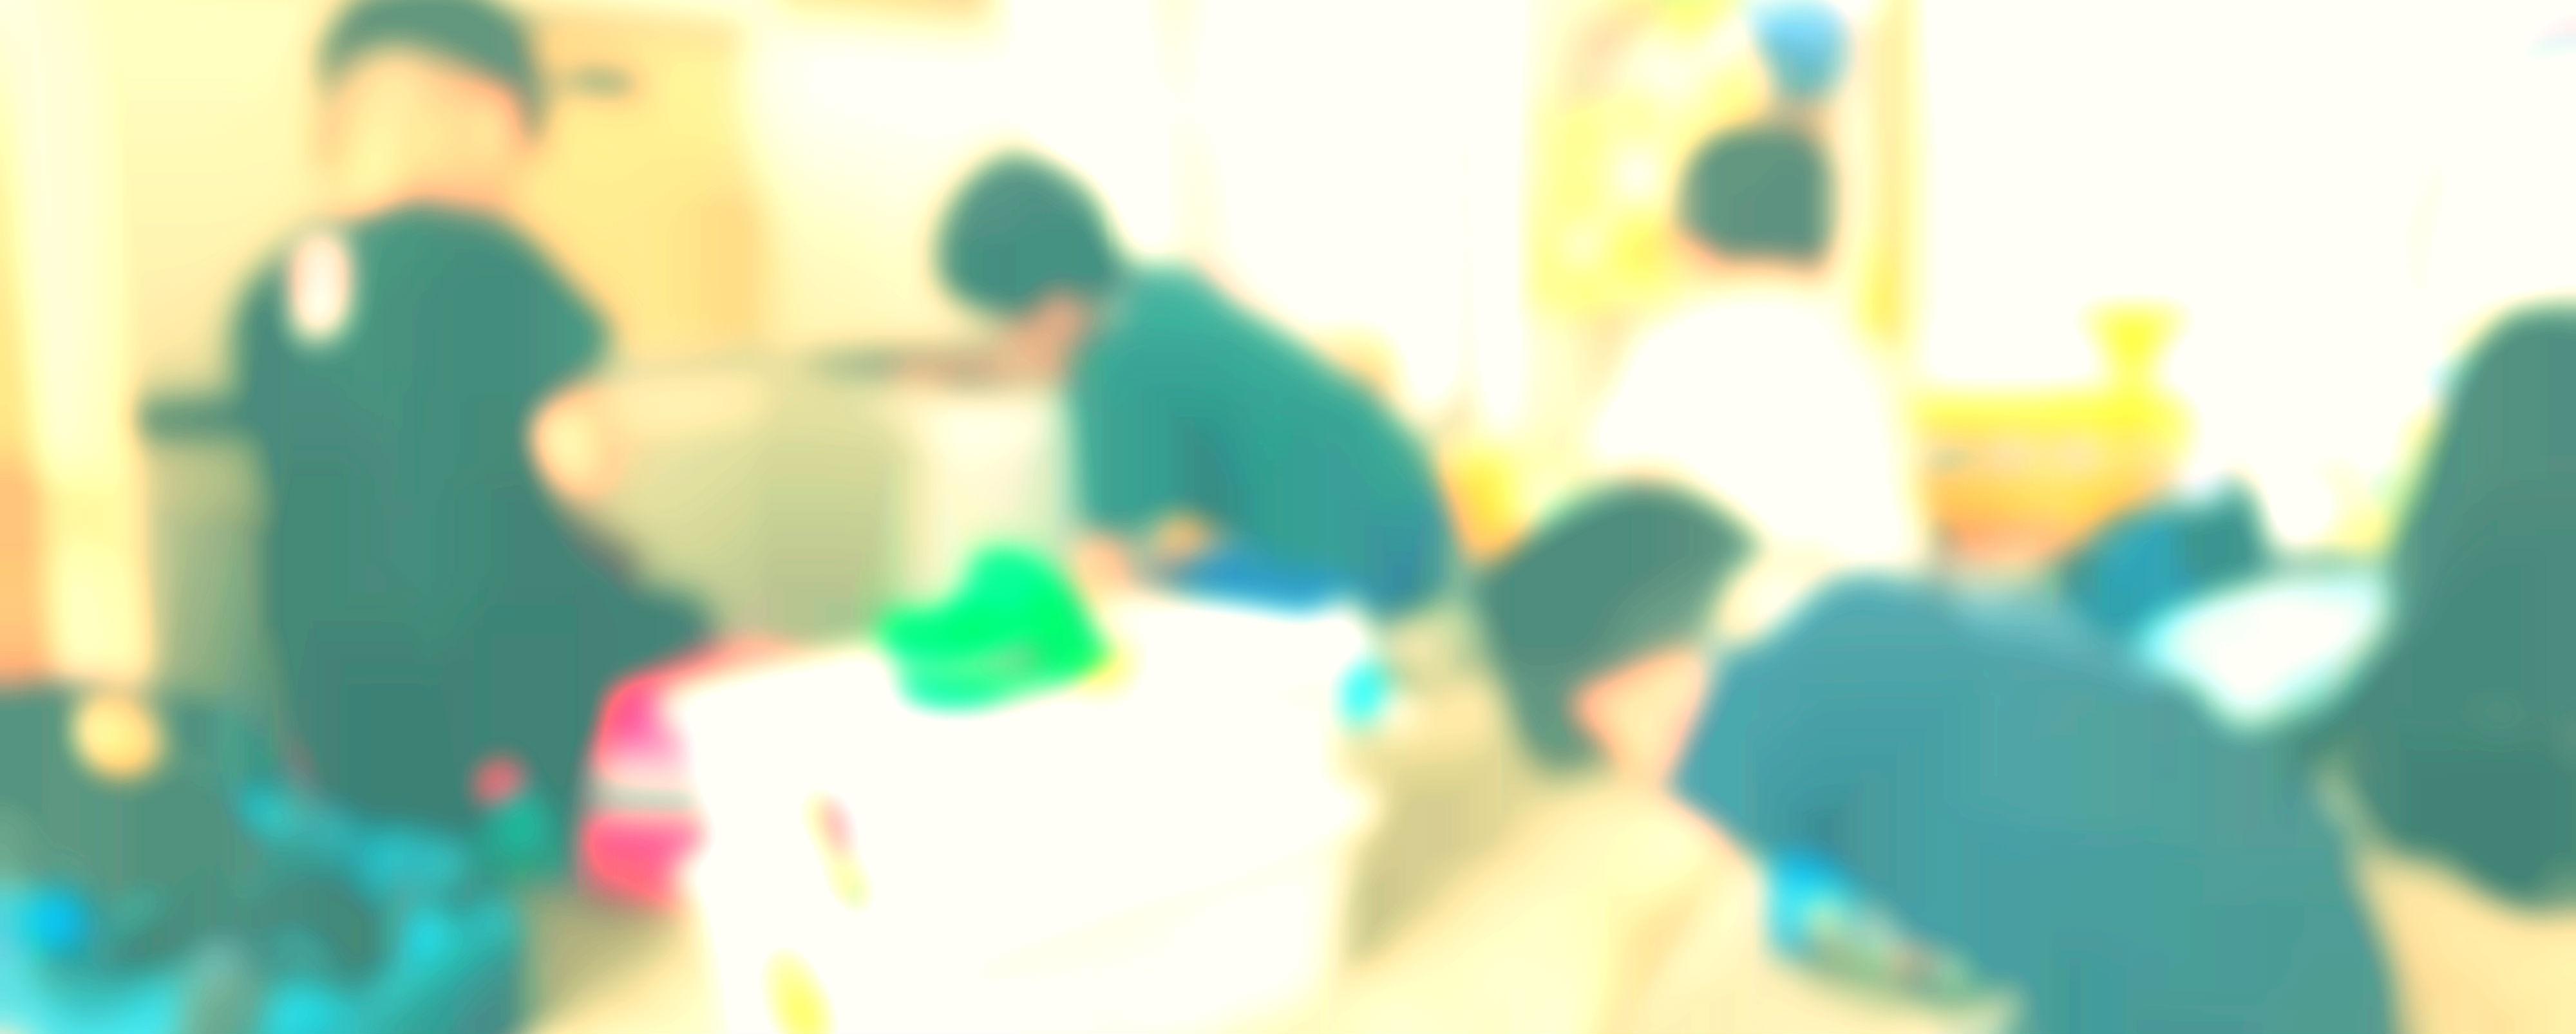 4人の子供たちが遊んでいるイメージ